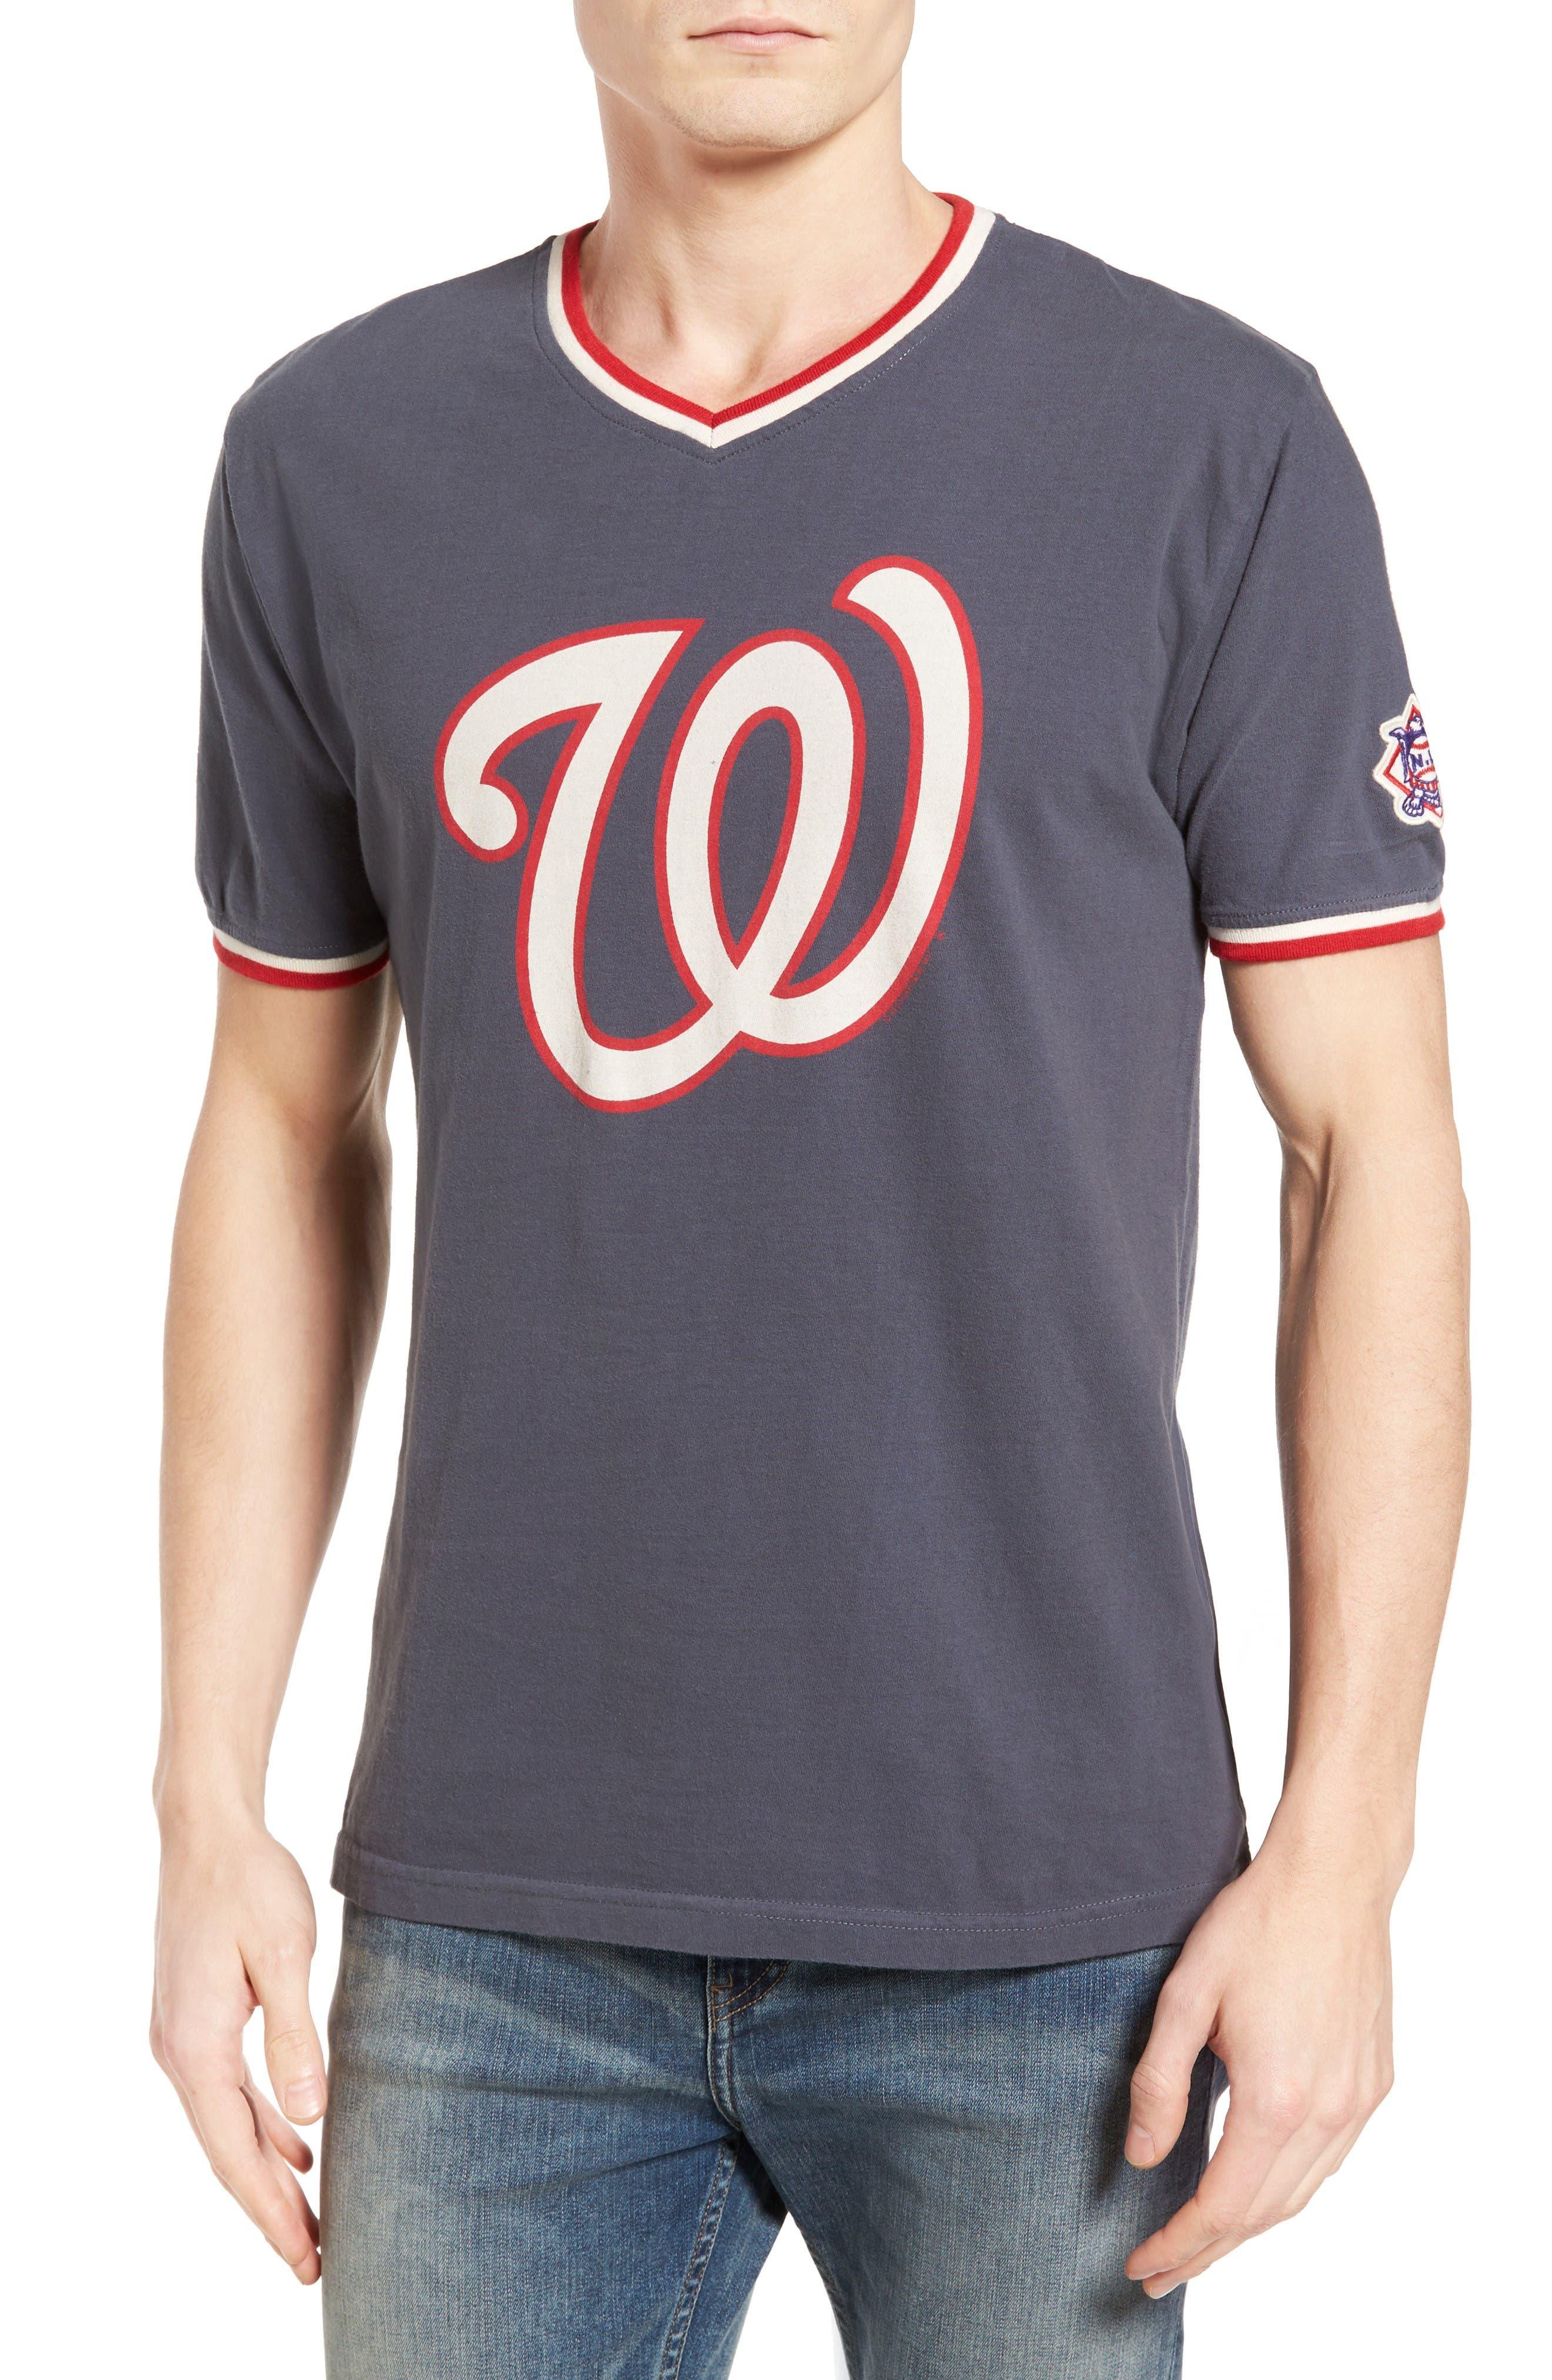 Alternate Image 1 Selected - American Needle Eastwood Washington Nationals T-Shirt